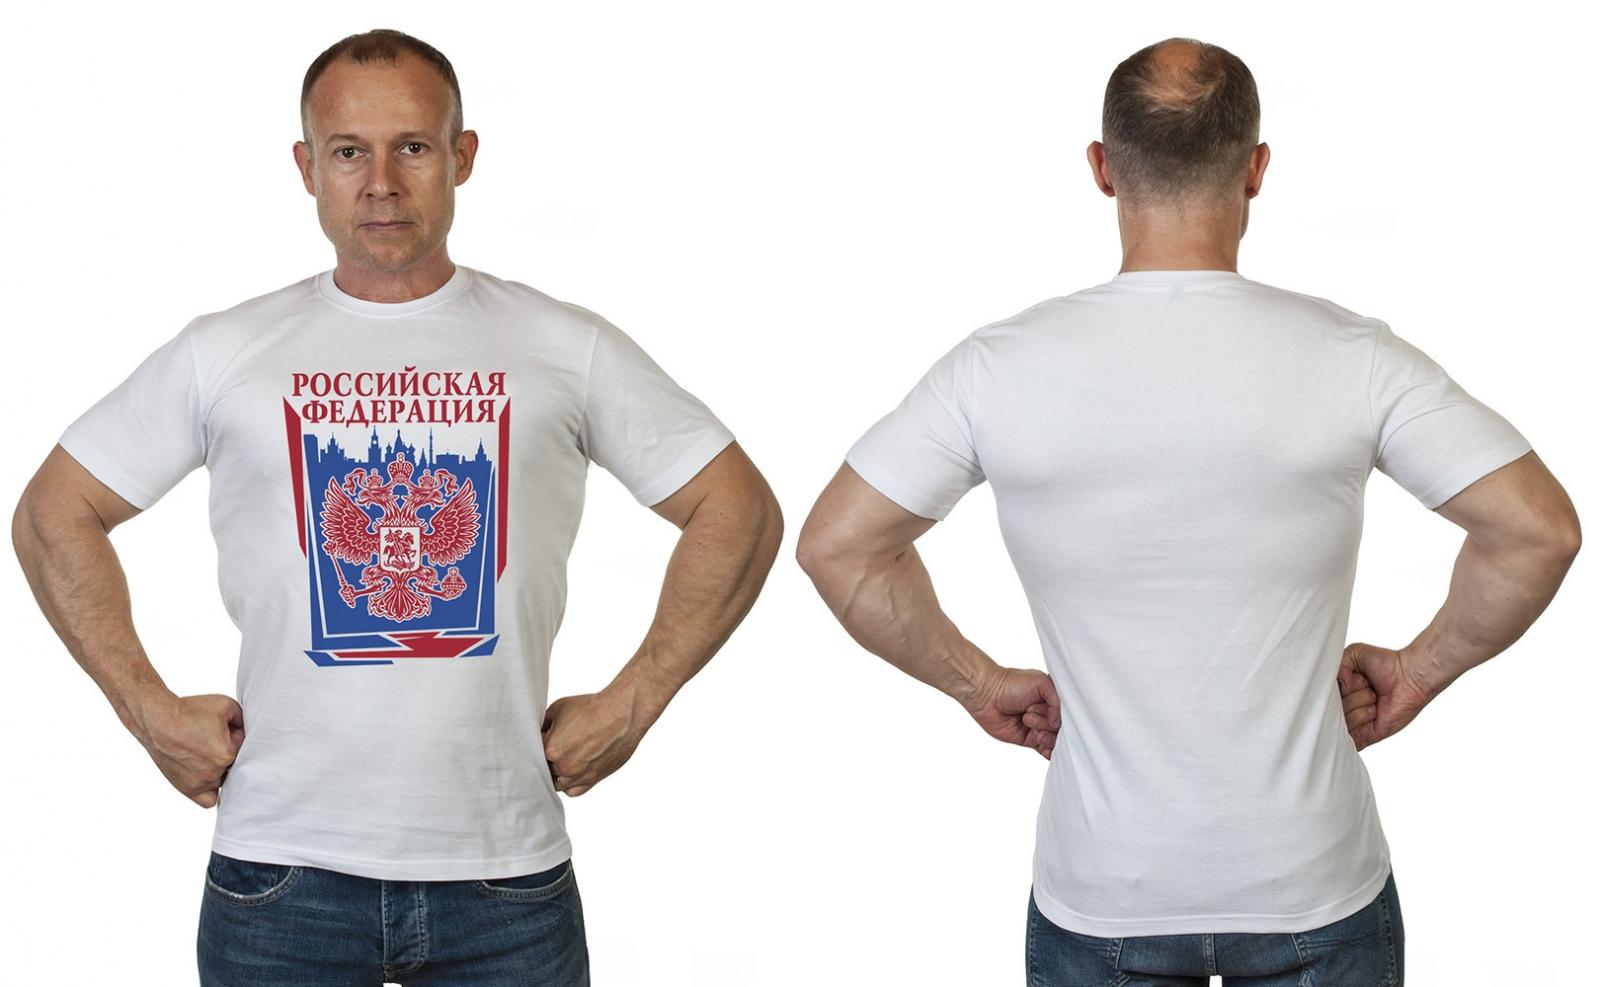 Патриотическая мужская футболка с гербом РФ от Военпро